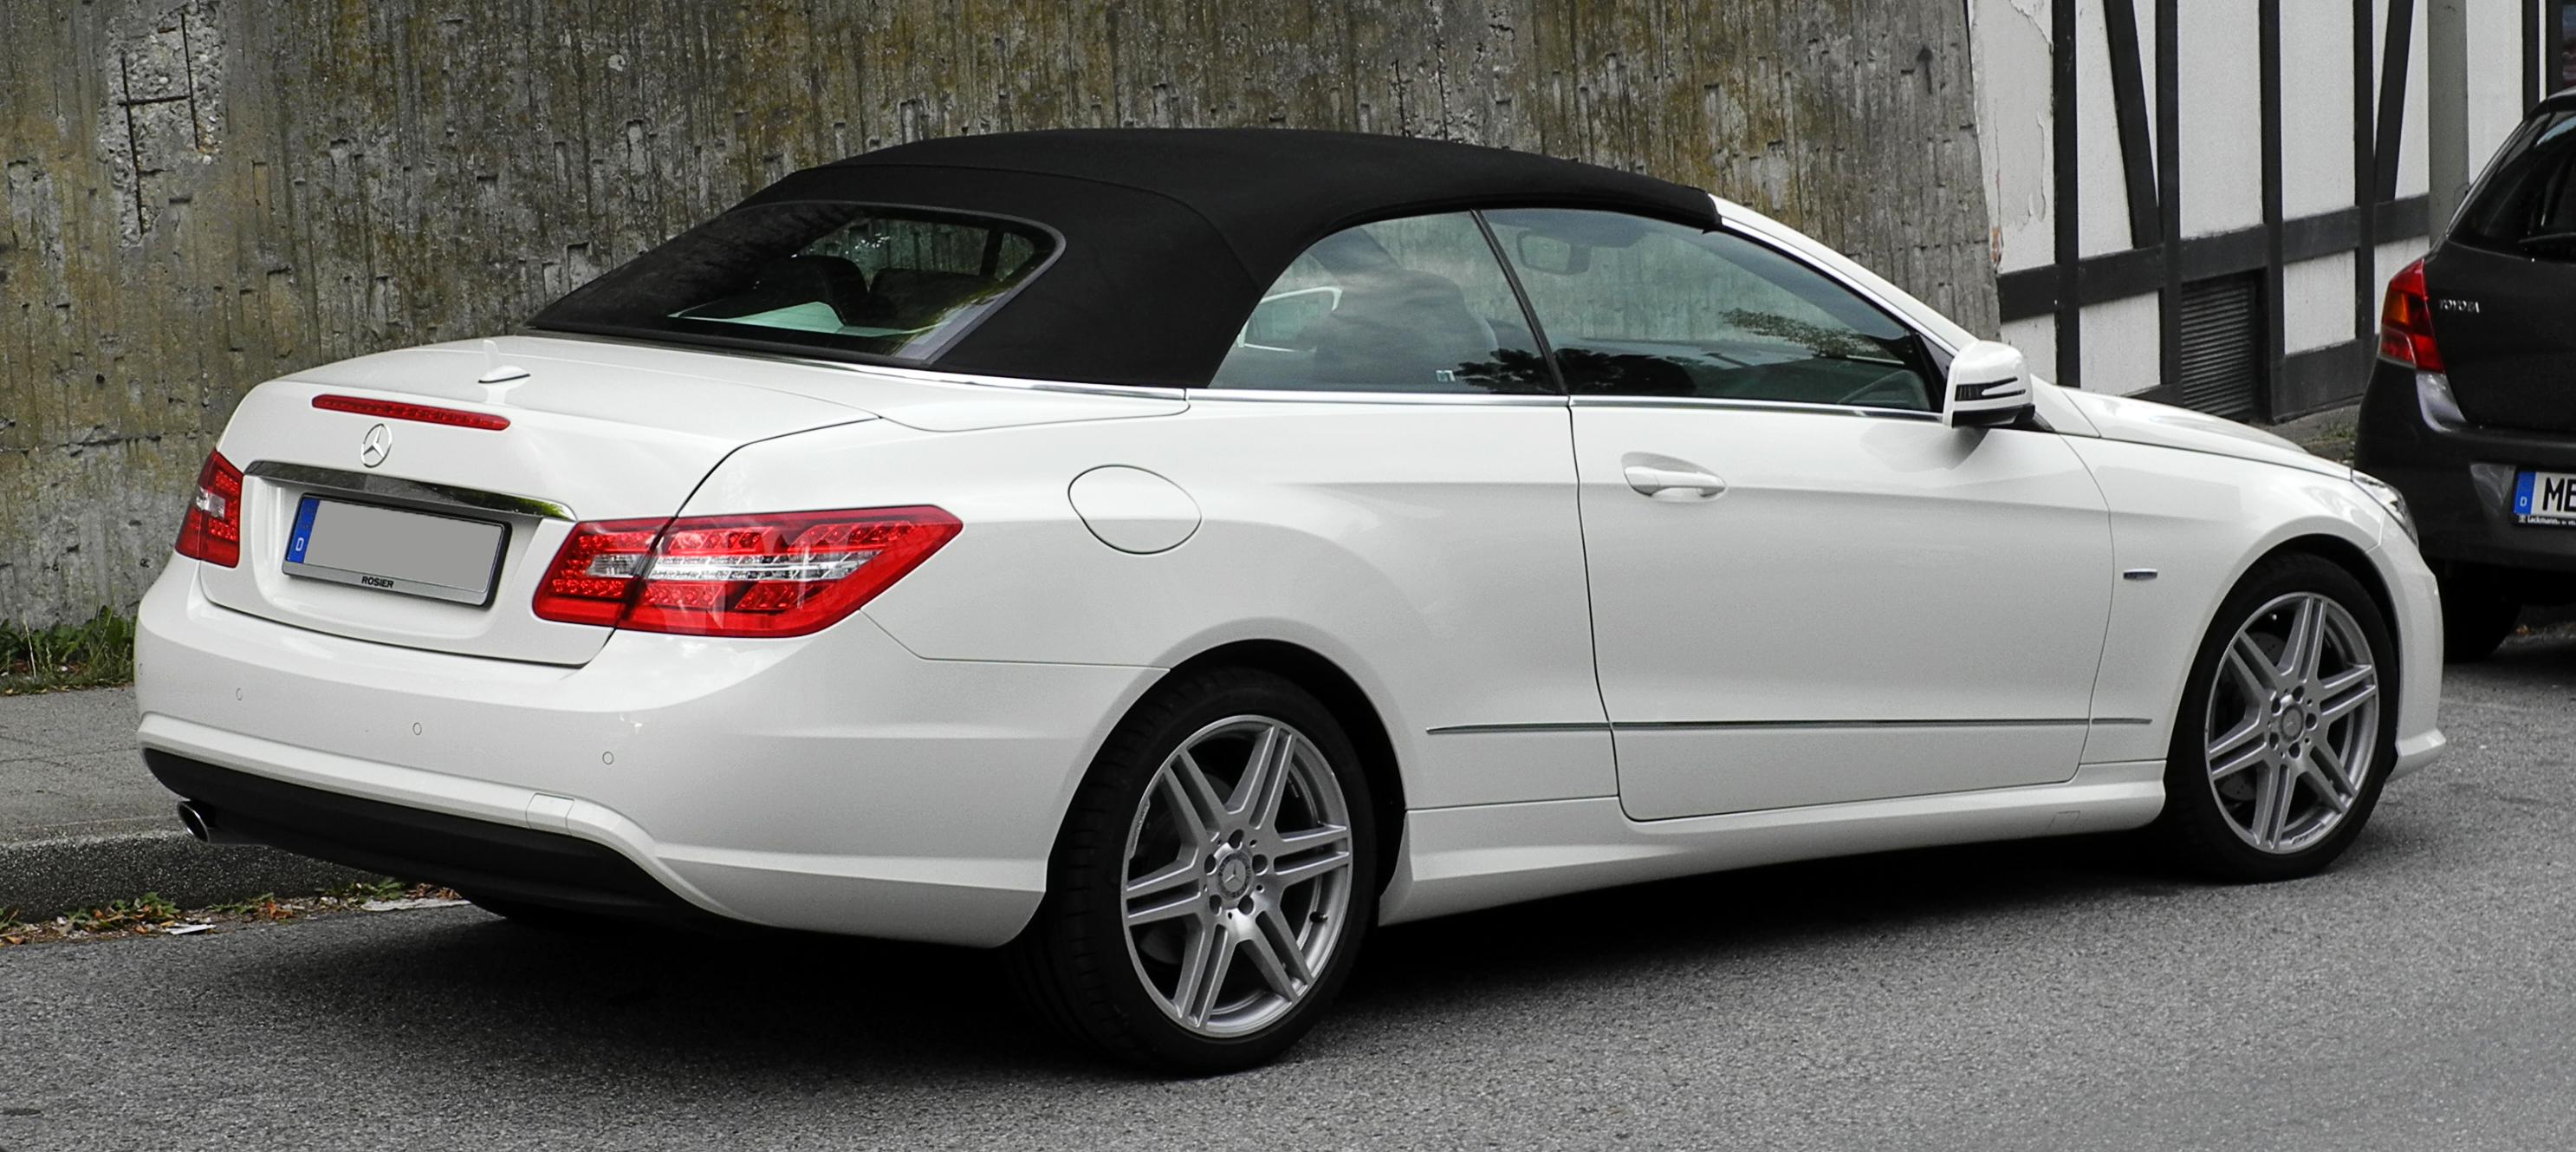 Mercedes benz e 250 cgi blueefficiency cabriolet for Mercedes benz e 250